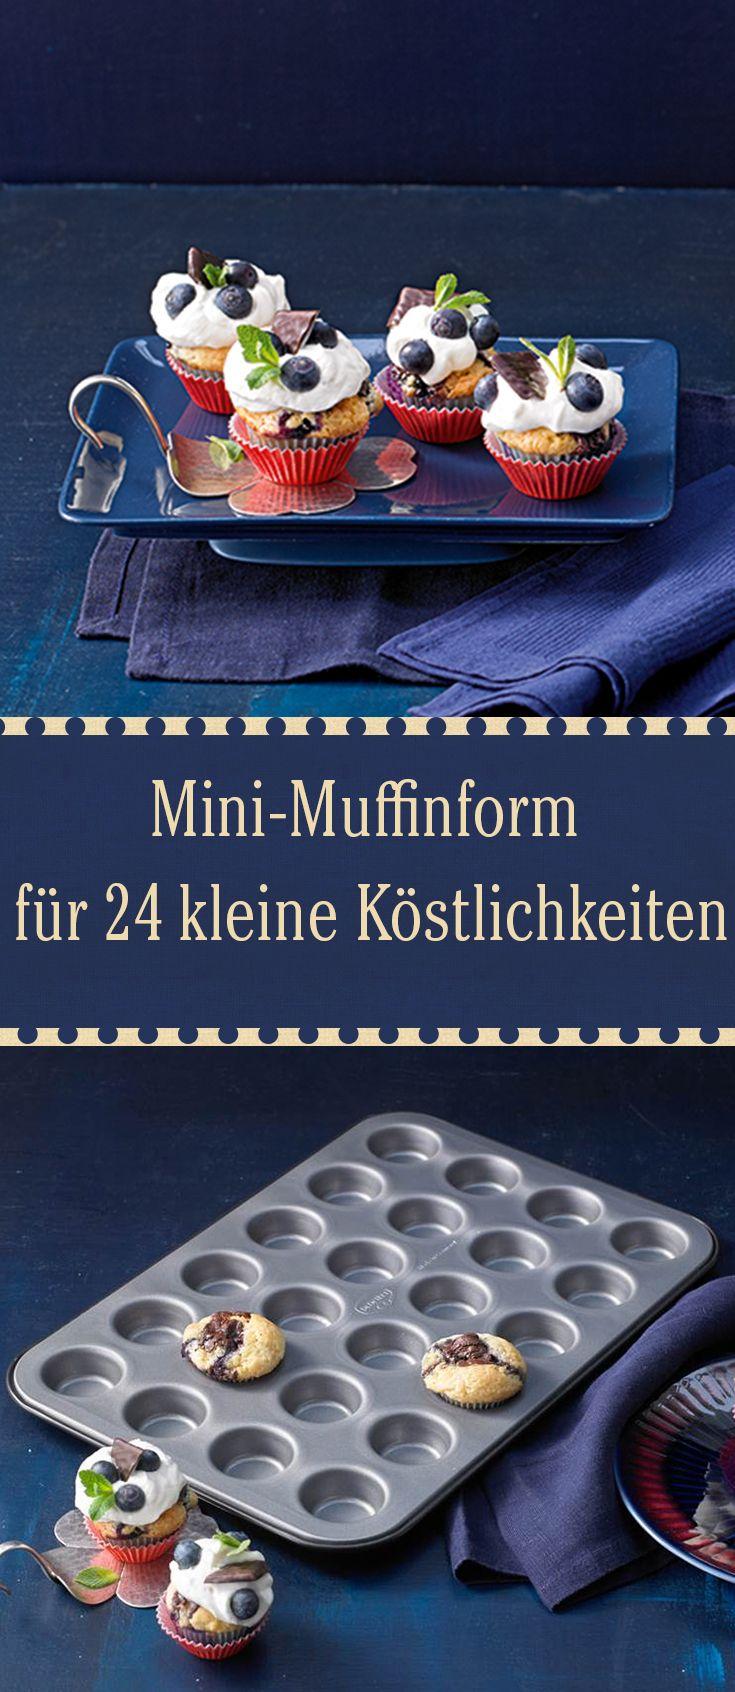 Verschenken Sie diese Mini-Muffinform an Liebhaber von kleinen Köstlichkeiten